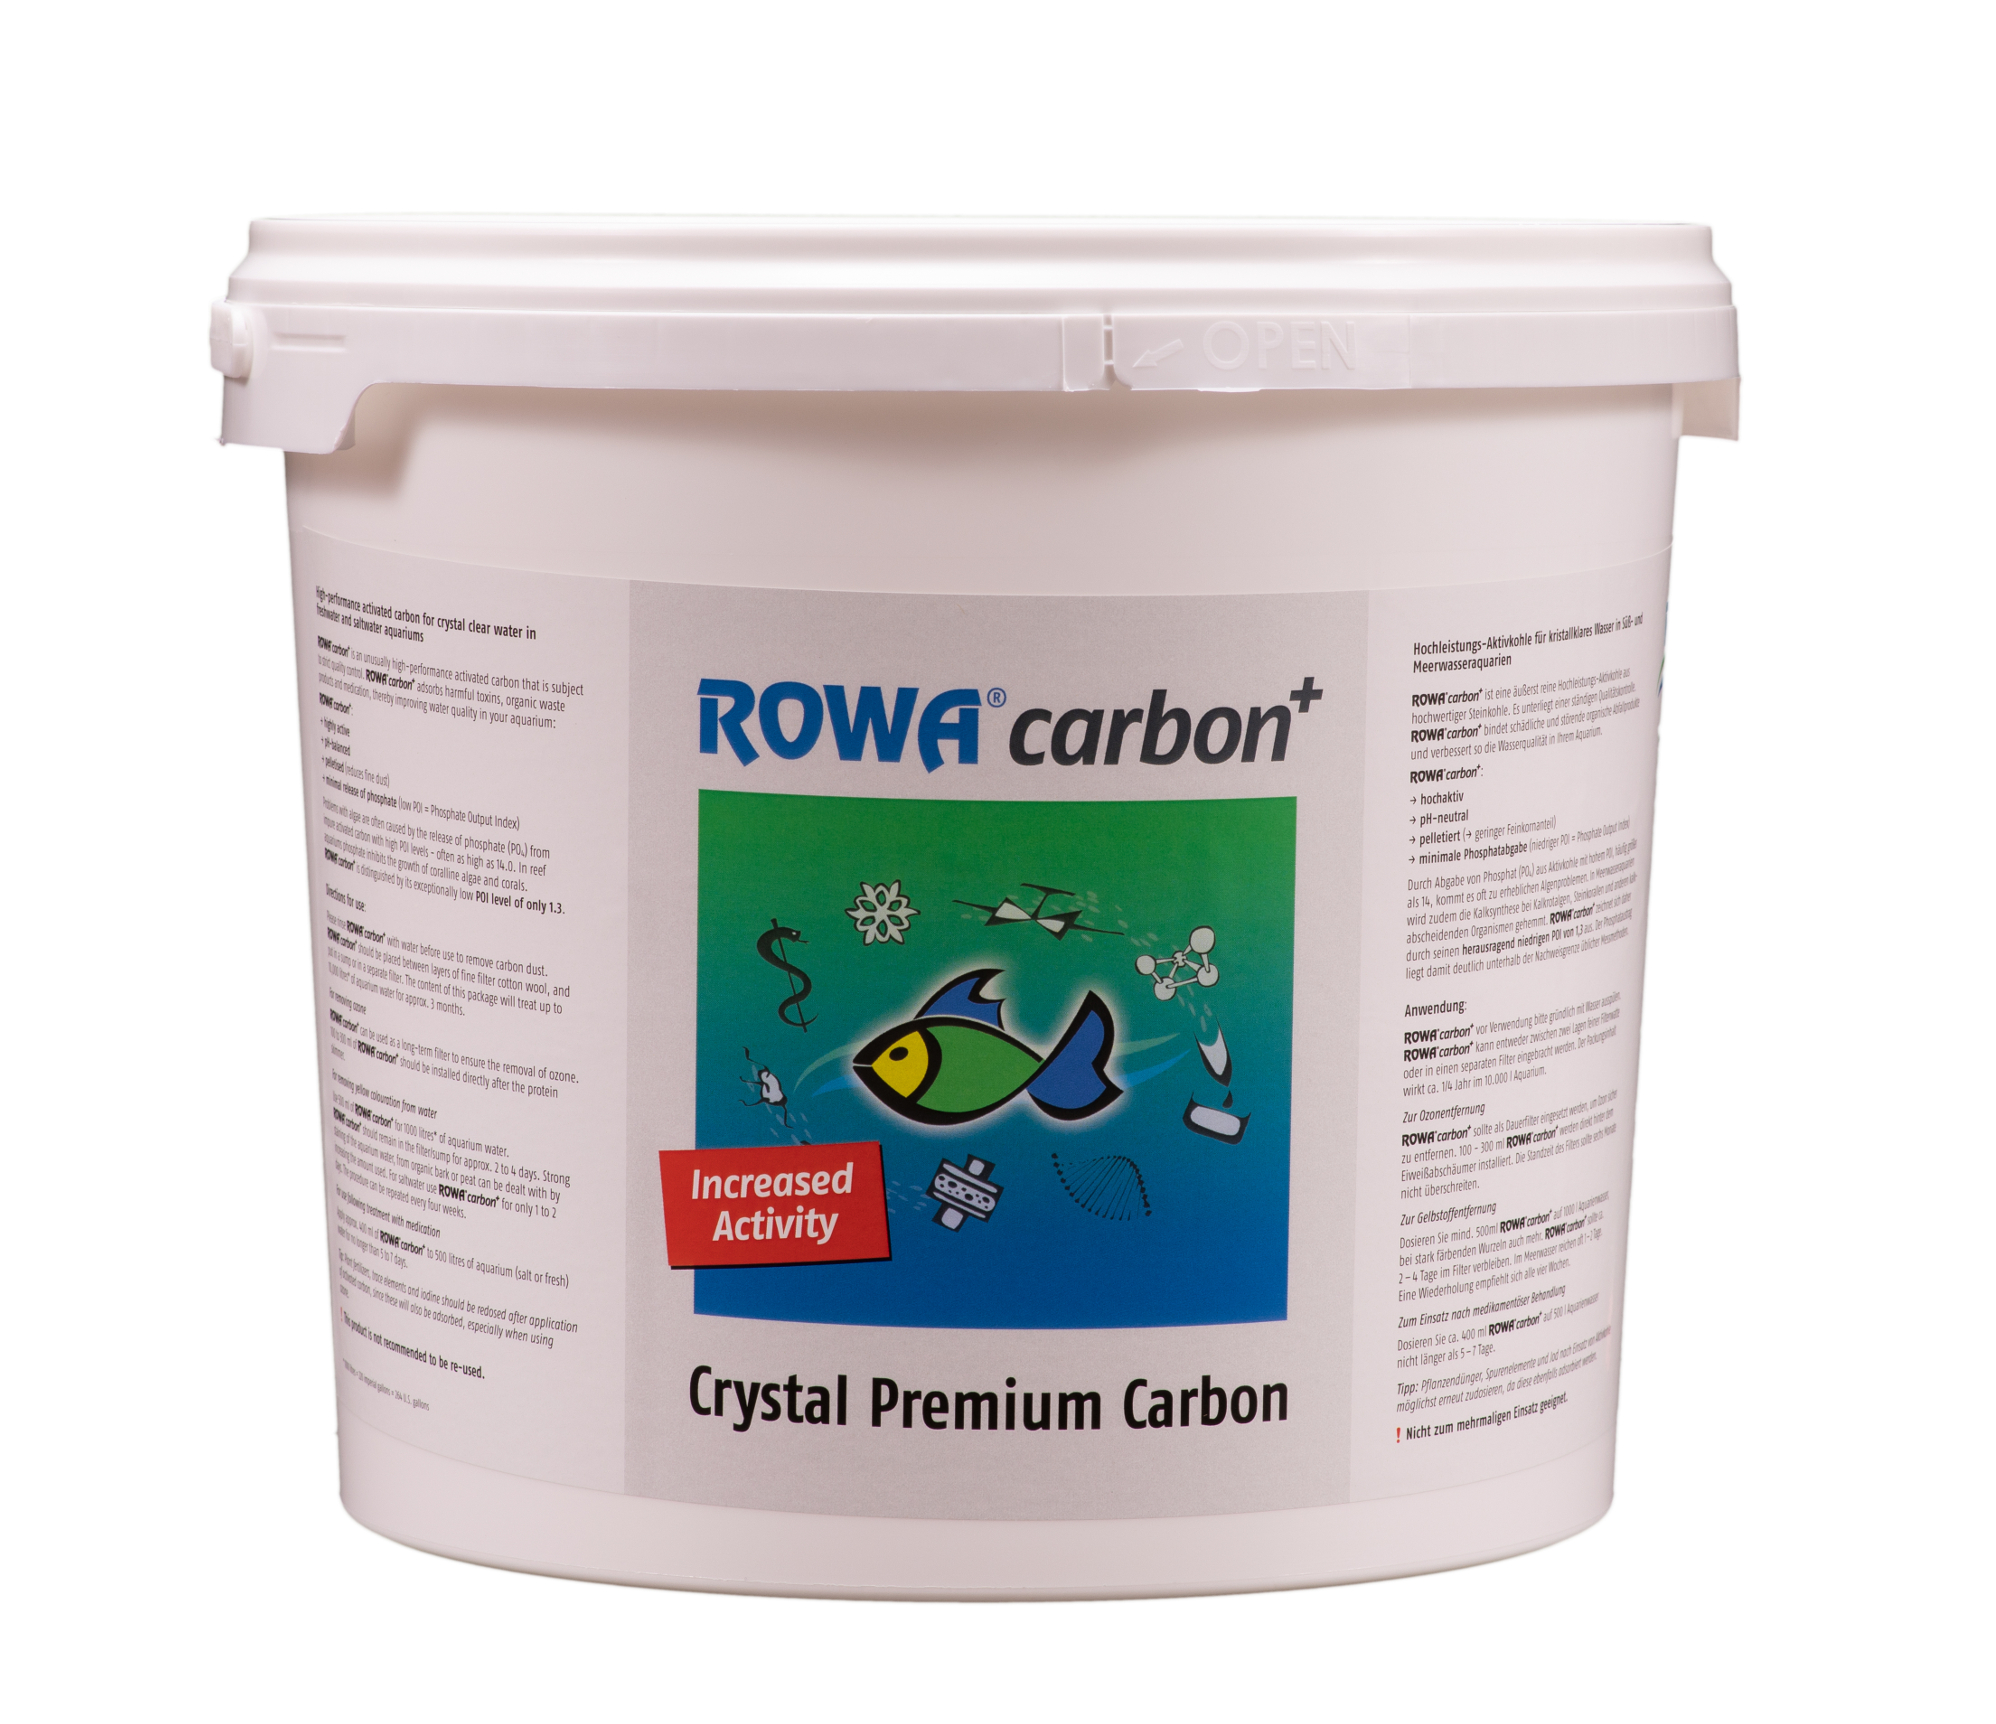 ROWAcarbon - pelletierte Aktivkohle 2,25 kg Eimer